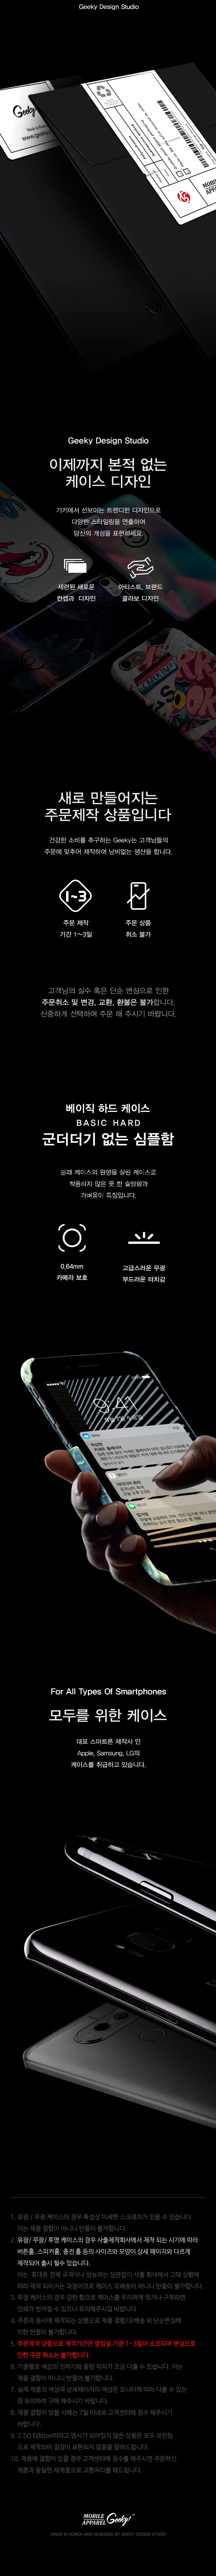 기키(GEEKY) phone case Barcode no.2